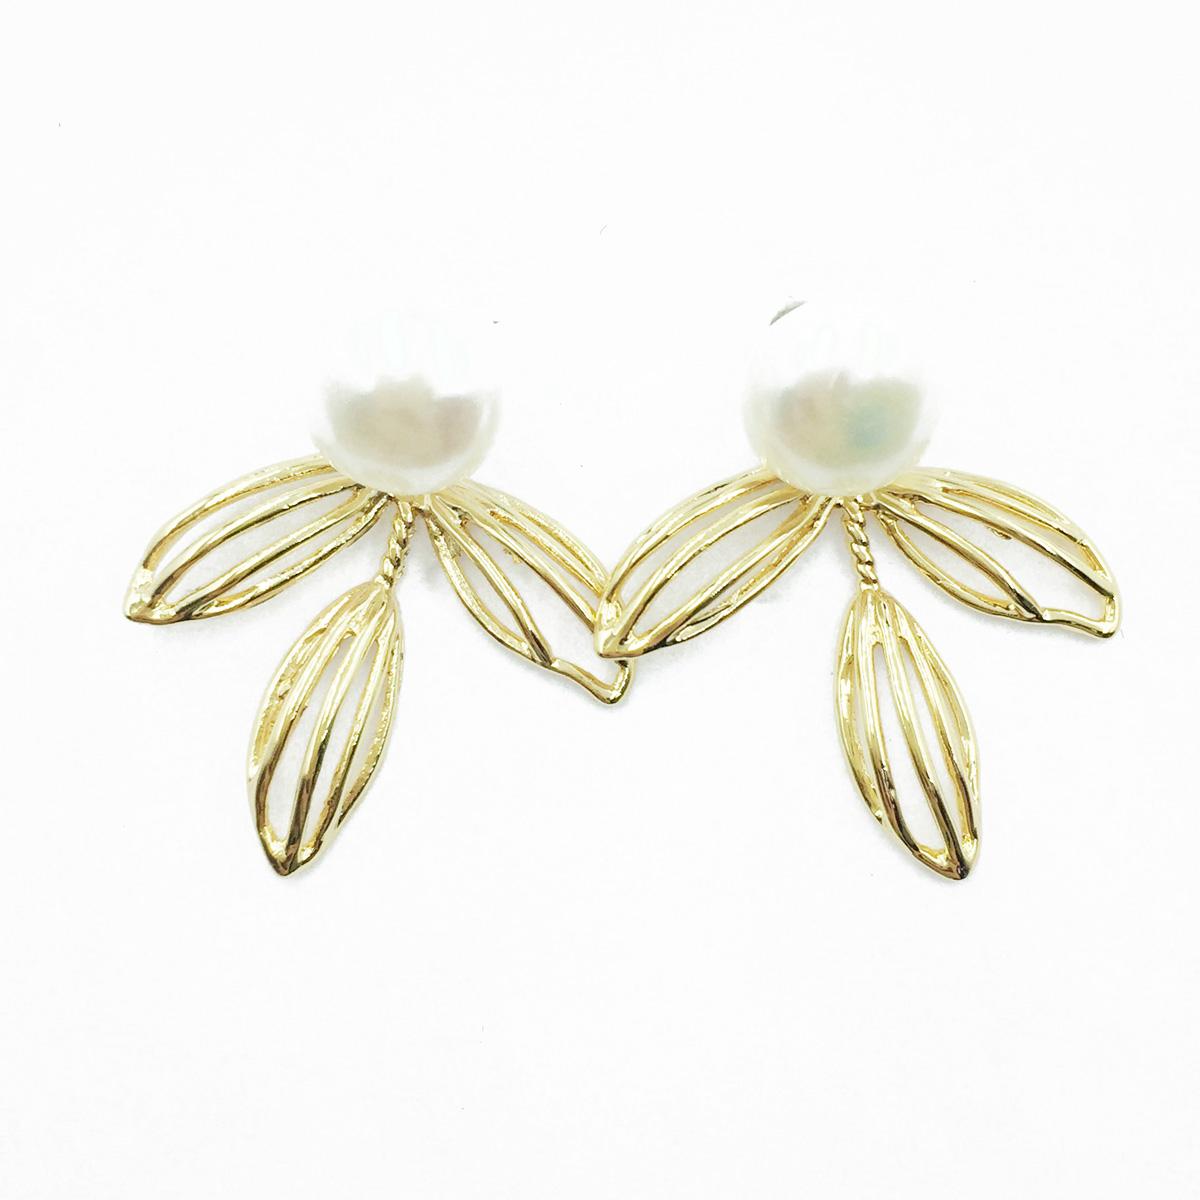 韓國 925純銀 簍空金葉子 珍珠 精緻 耳針式耳環